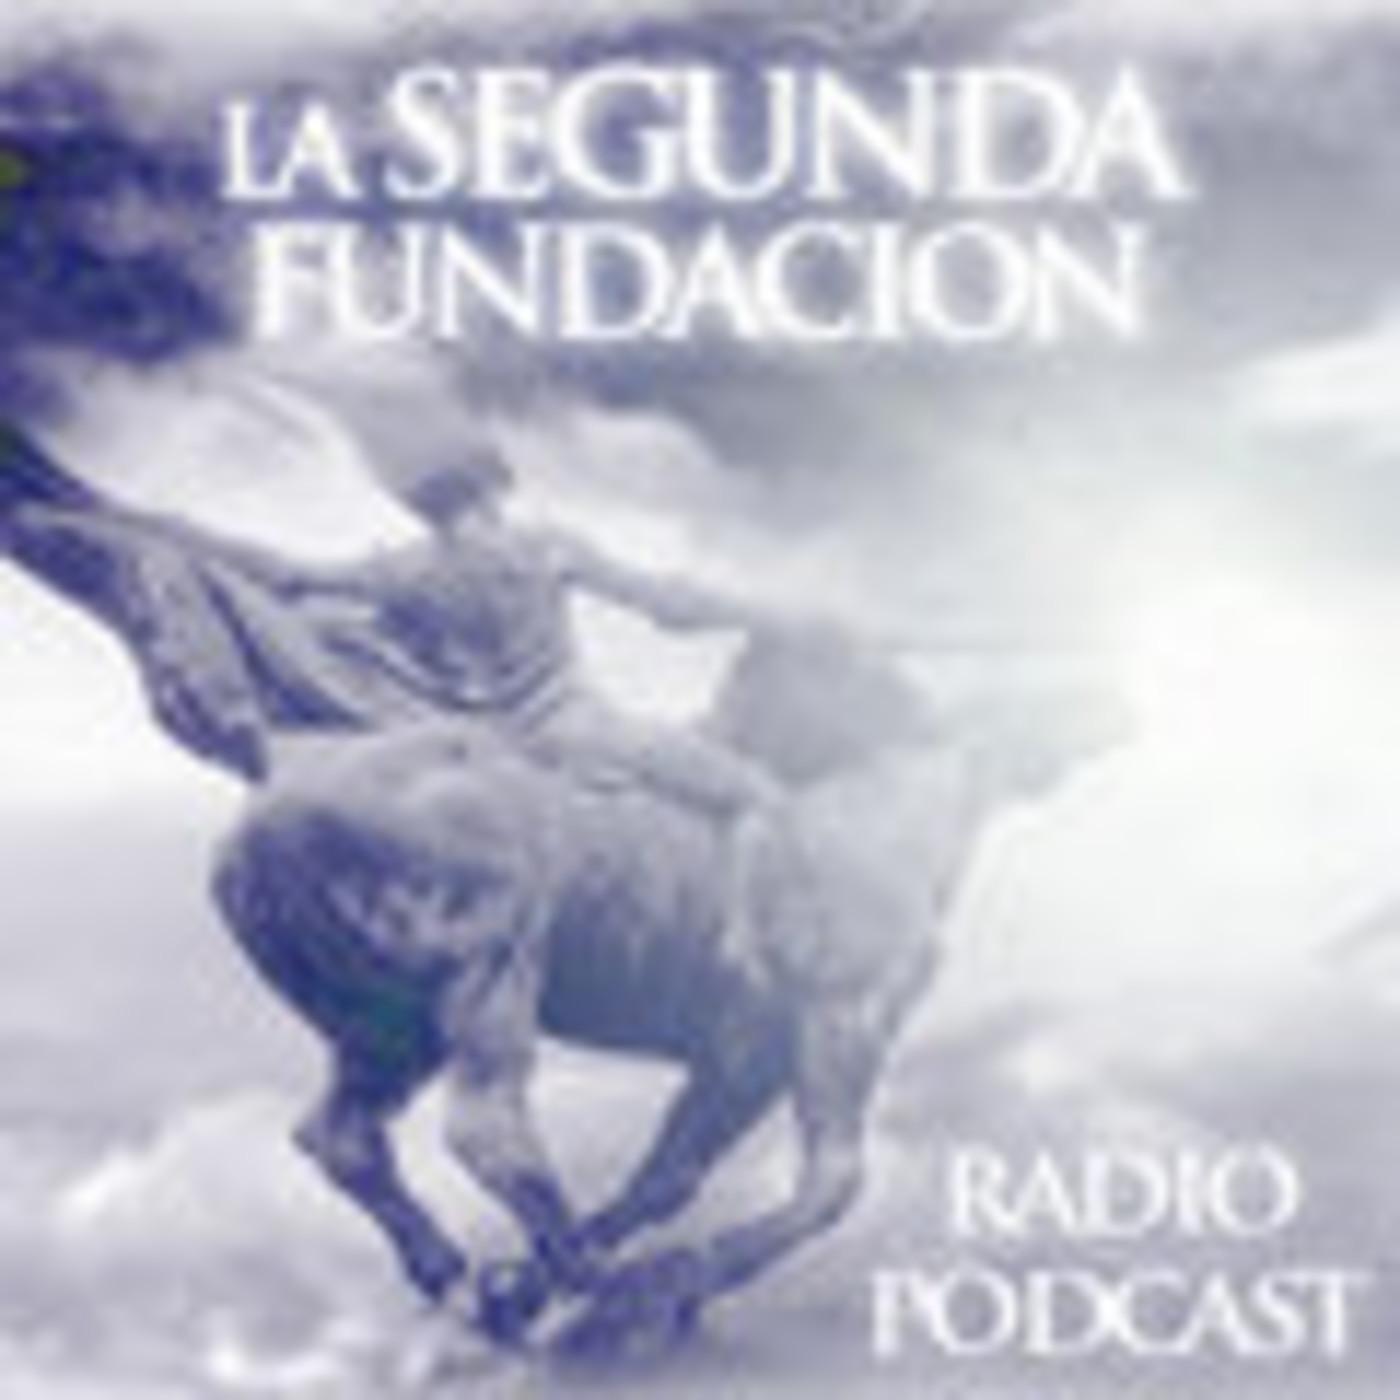 La Segunda Fundación Podcast